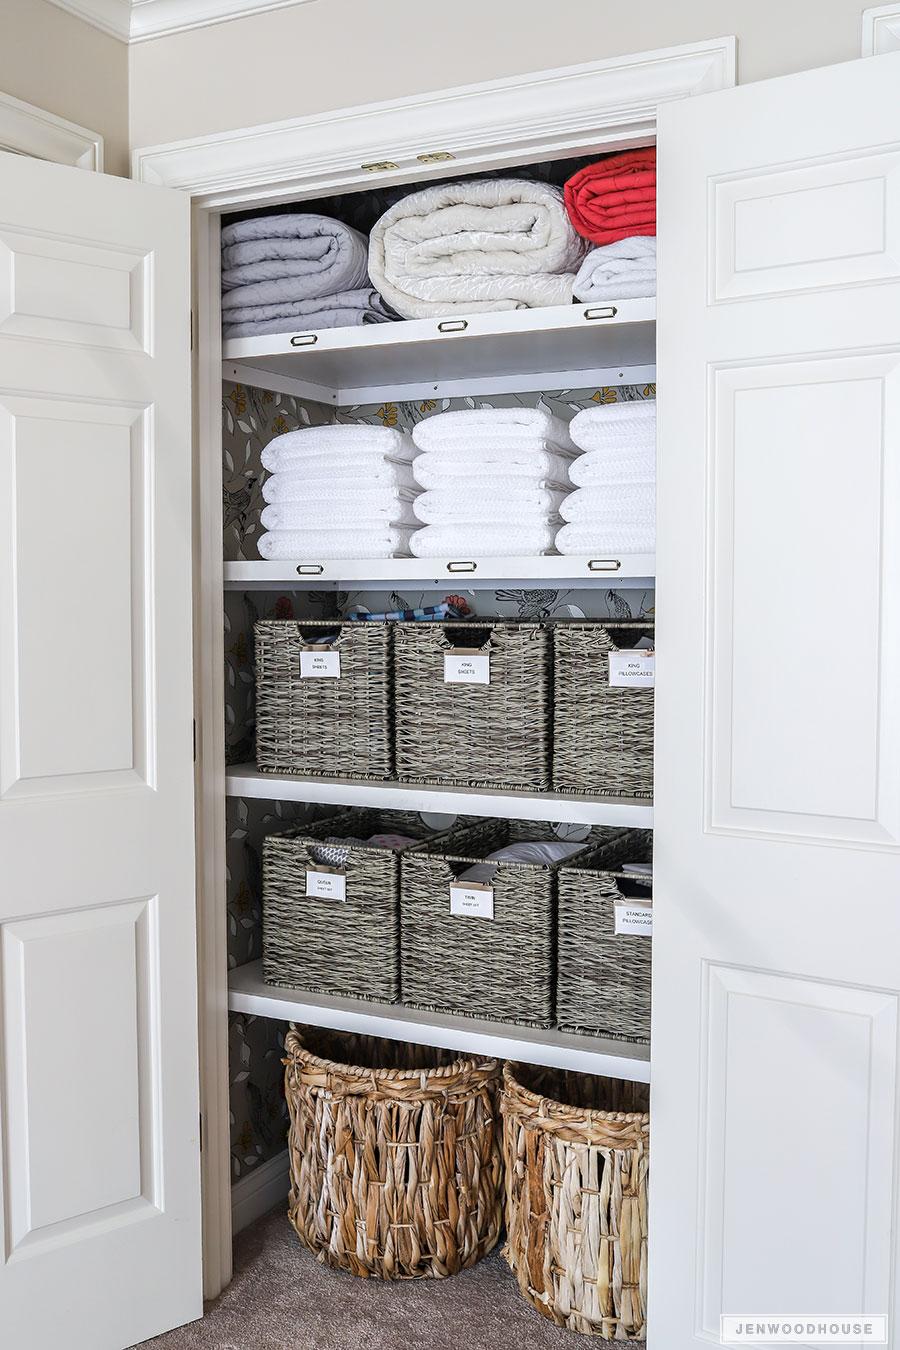 Linen closet makeover - organized linen closet